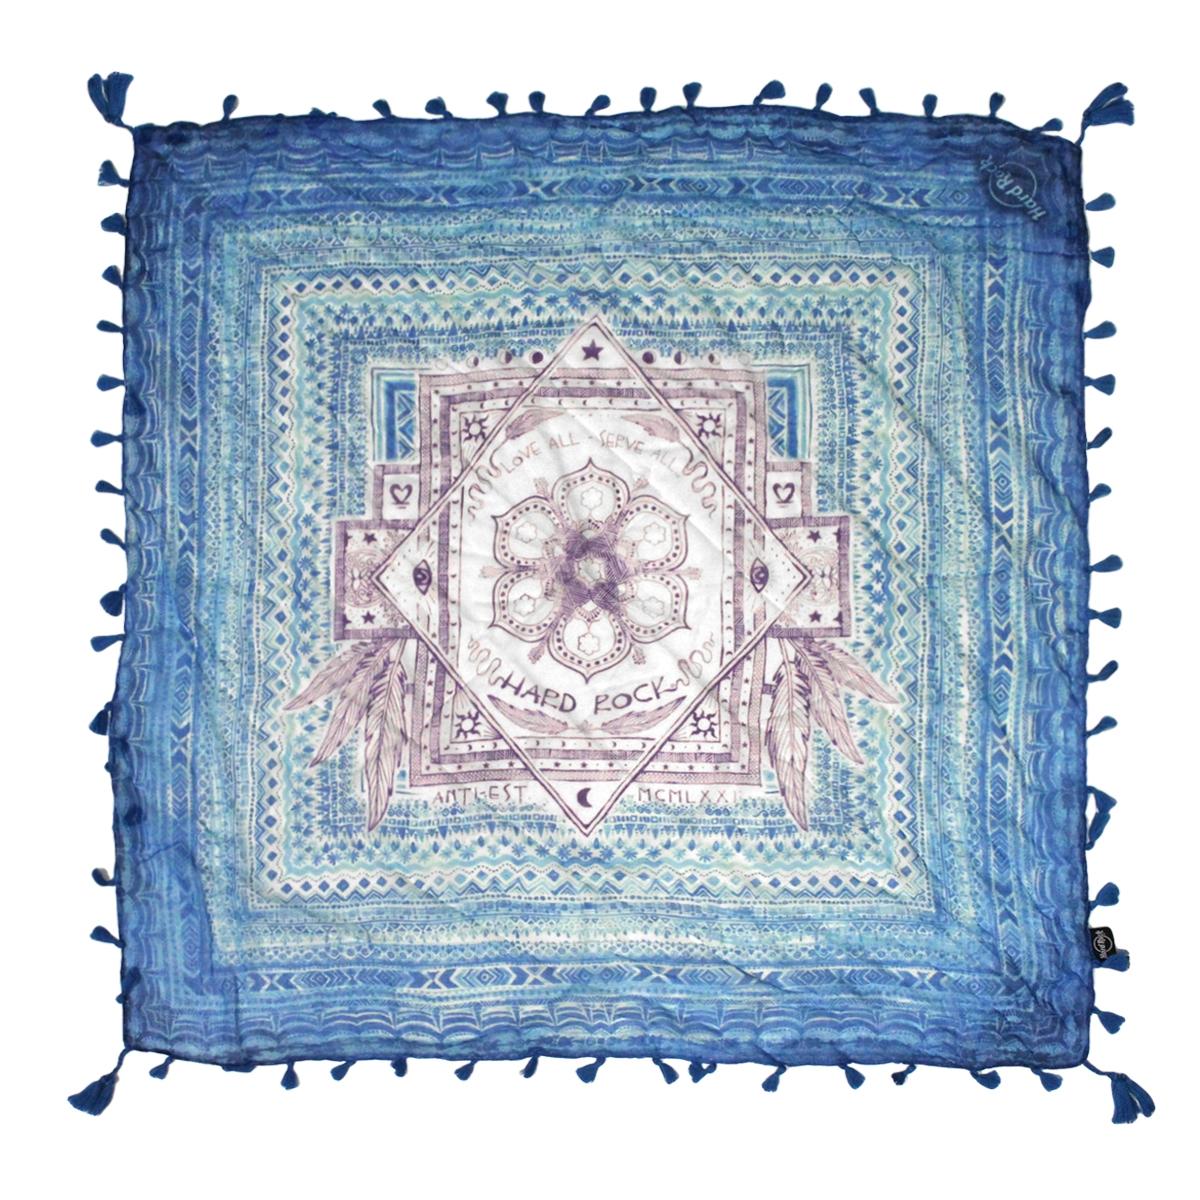 Indigo Pattern Fringe Scarf Blue 0